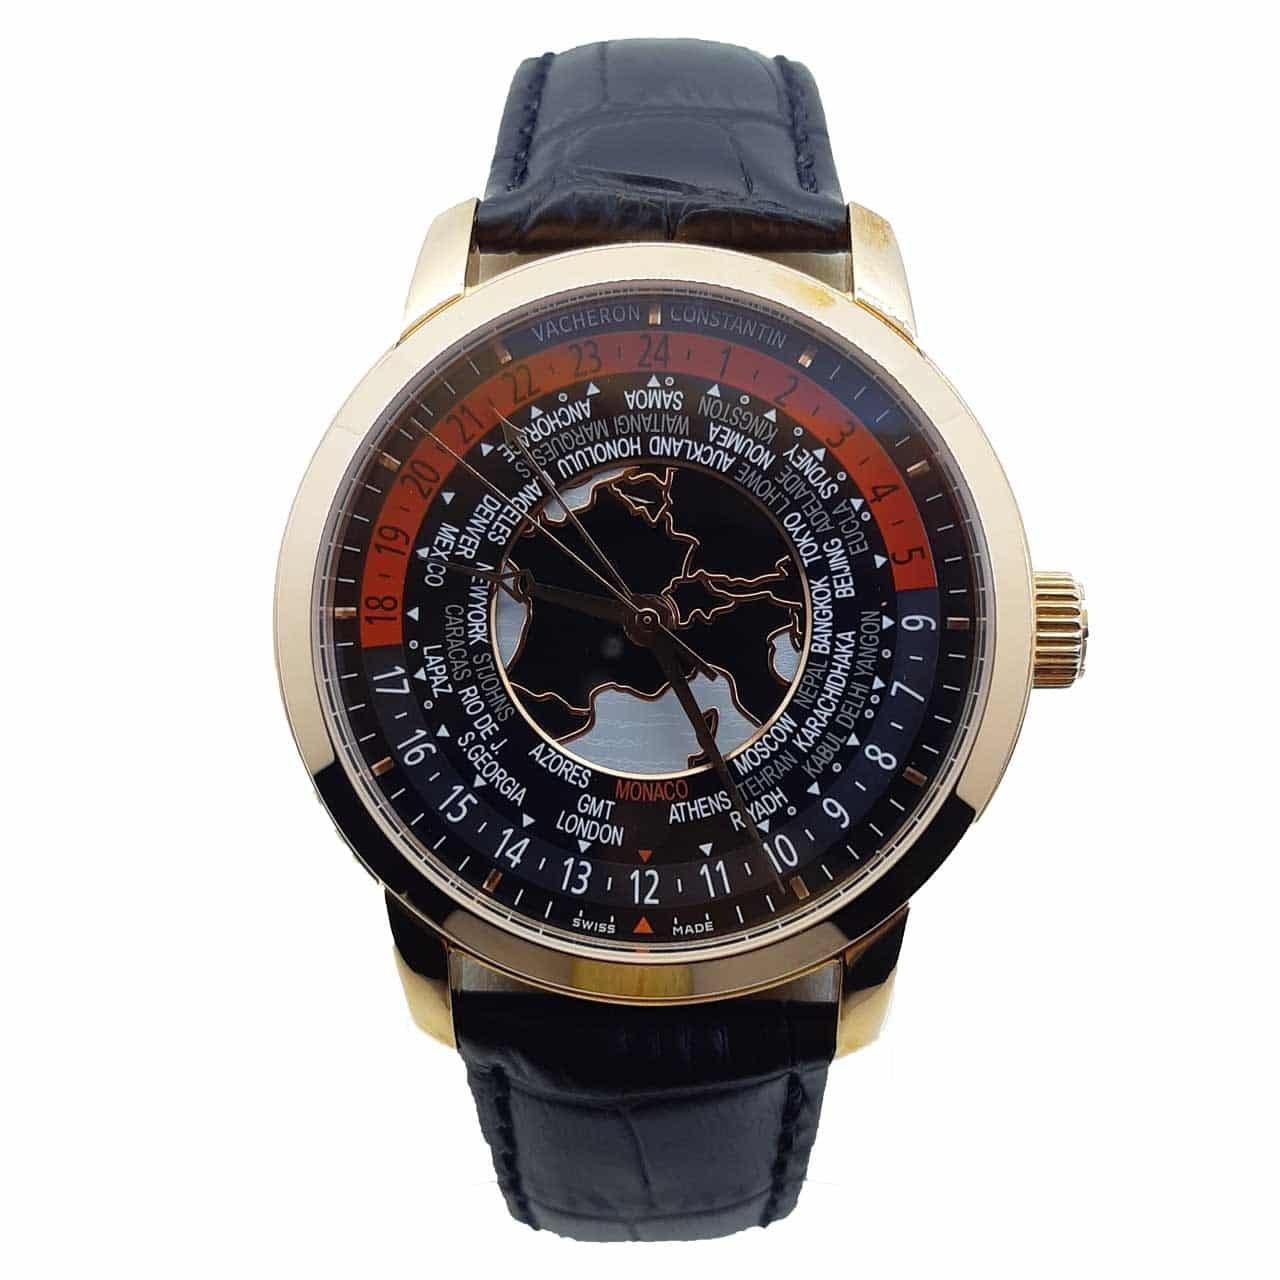 ساعت مچی مردانه واشرون کنستانتین مدل Vacheron Constantin 3975G |